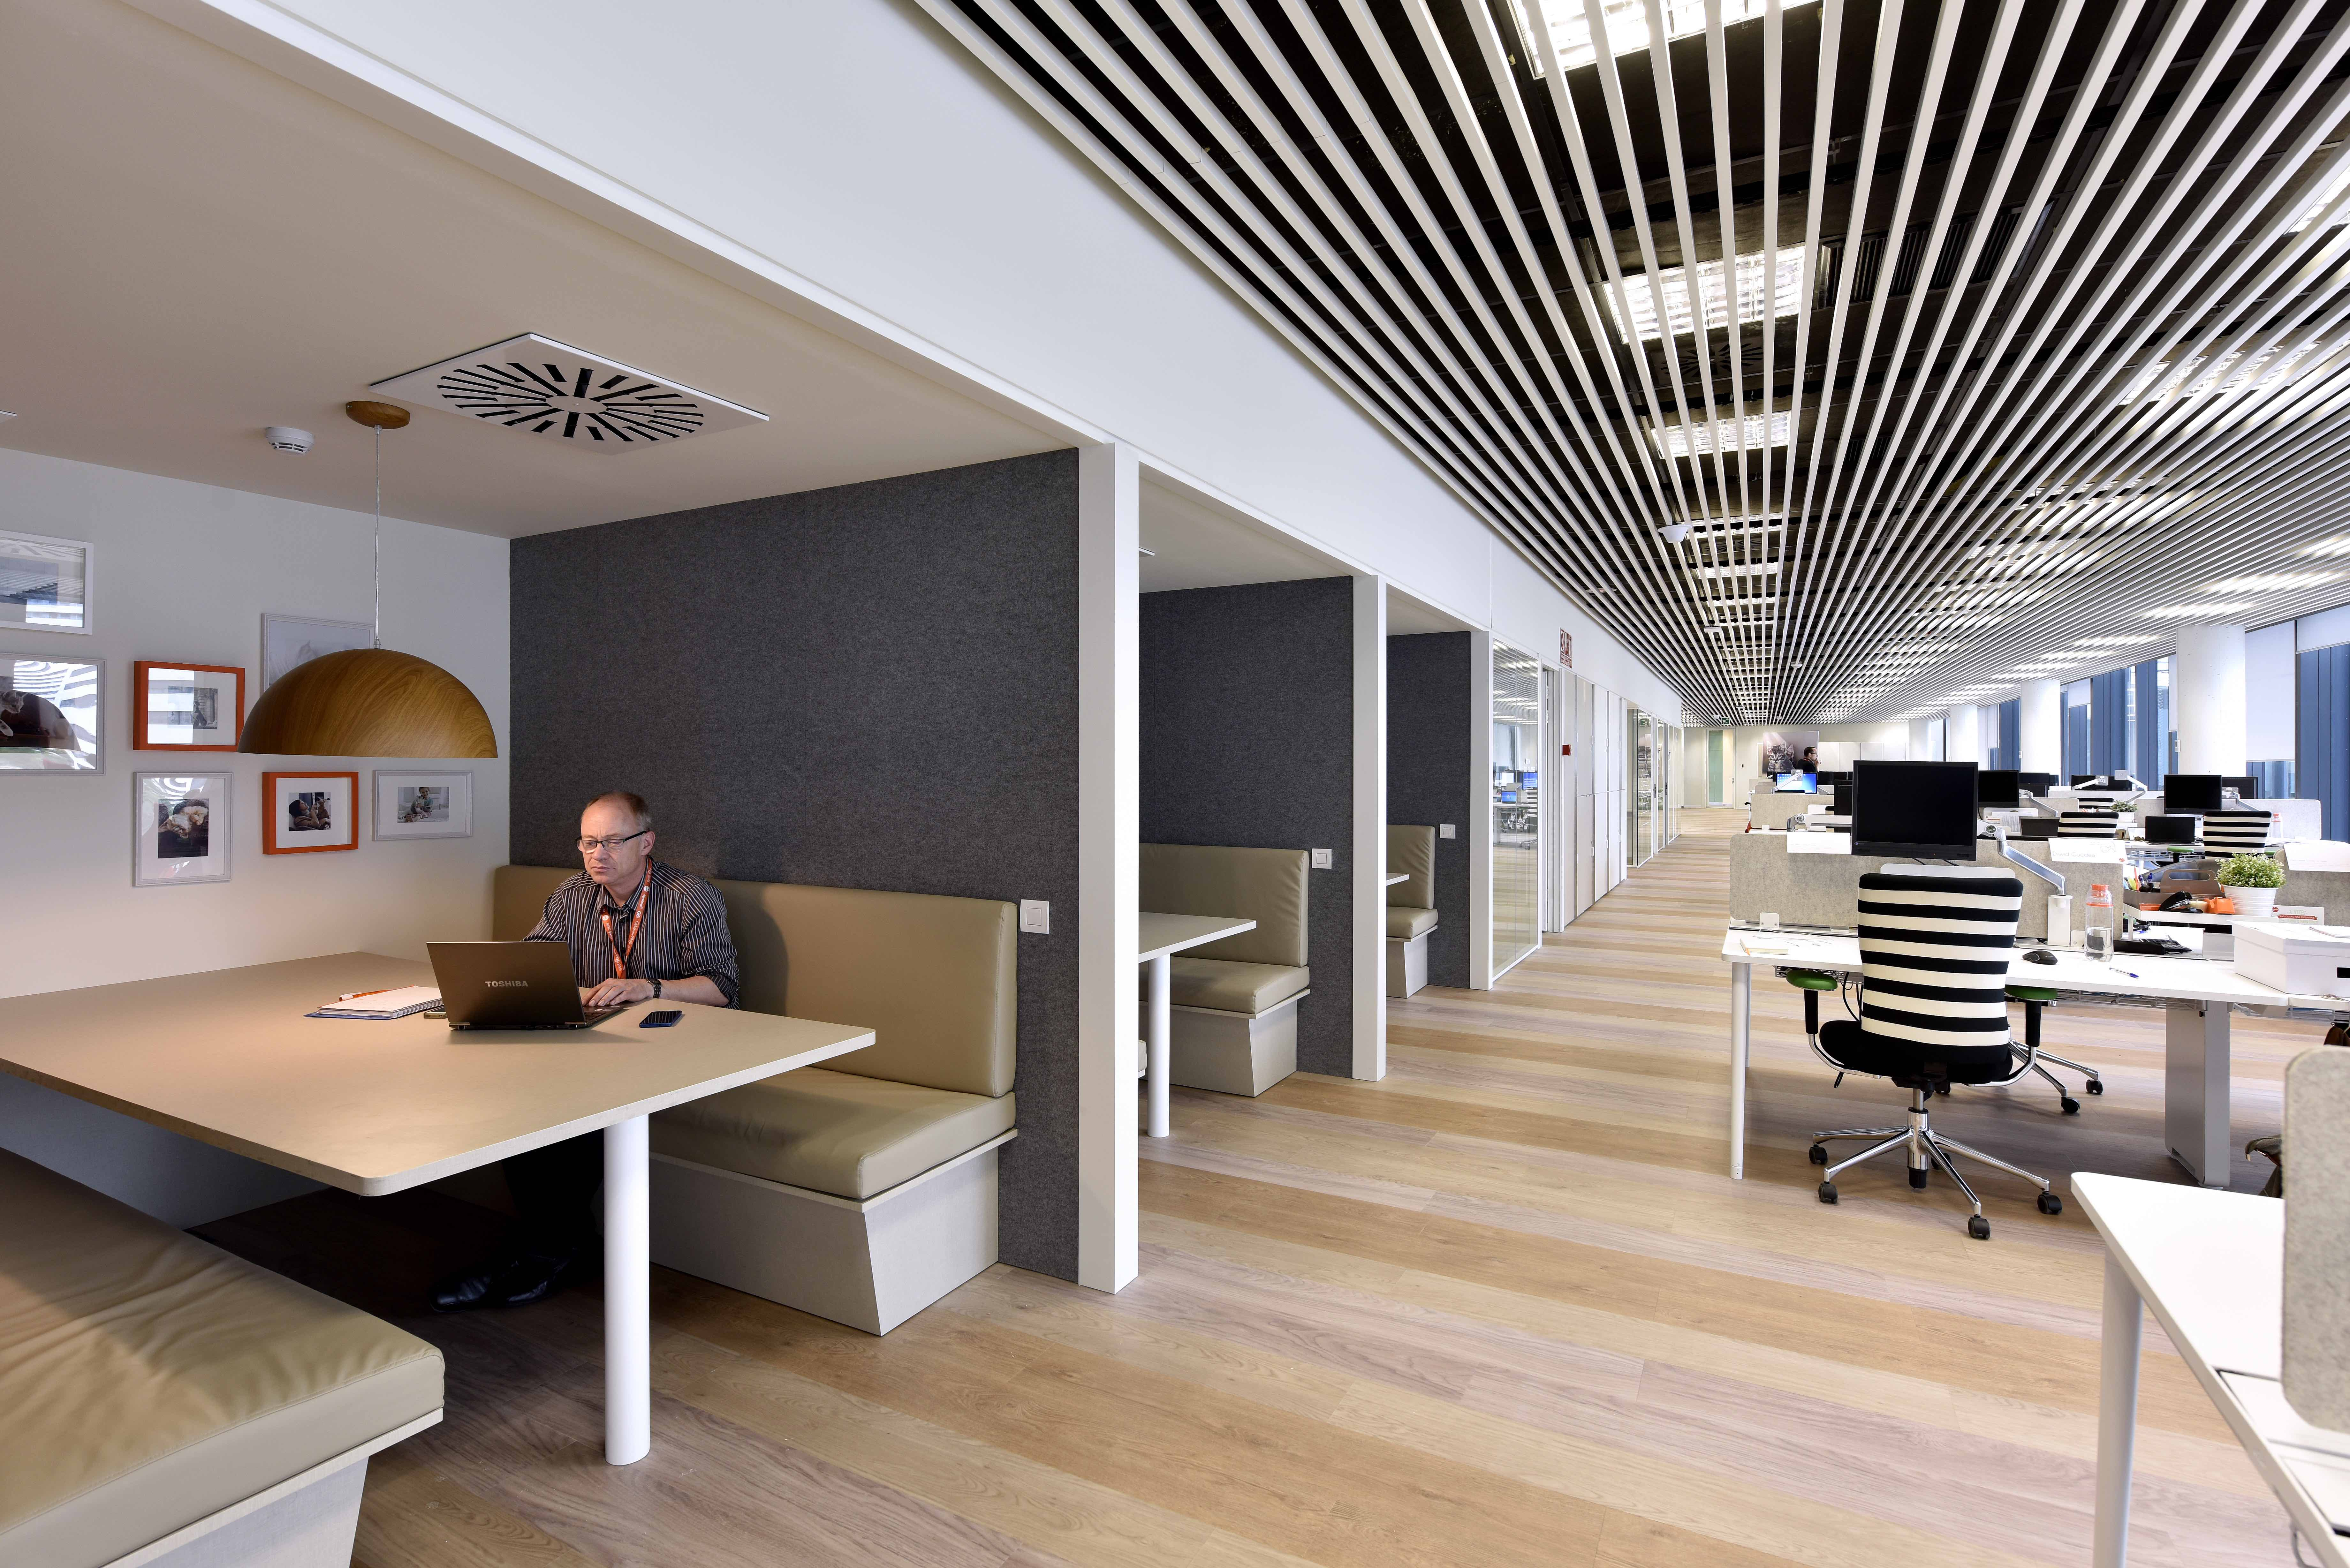 Espacios abiertos de reunión en oficinas affinity